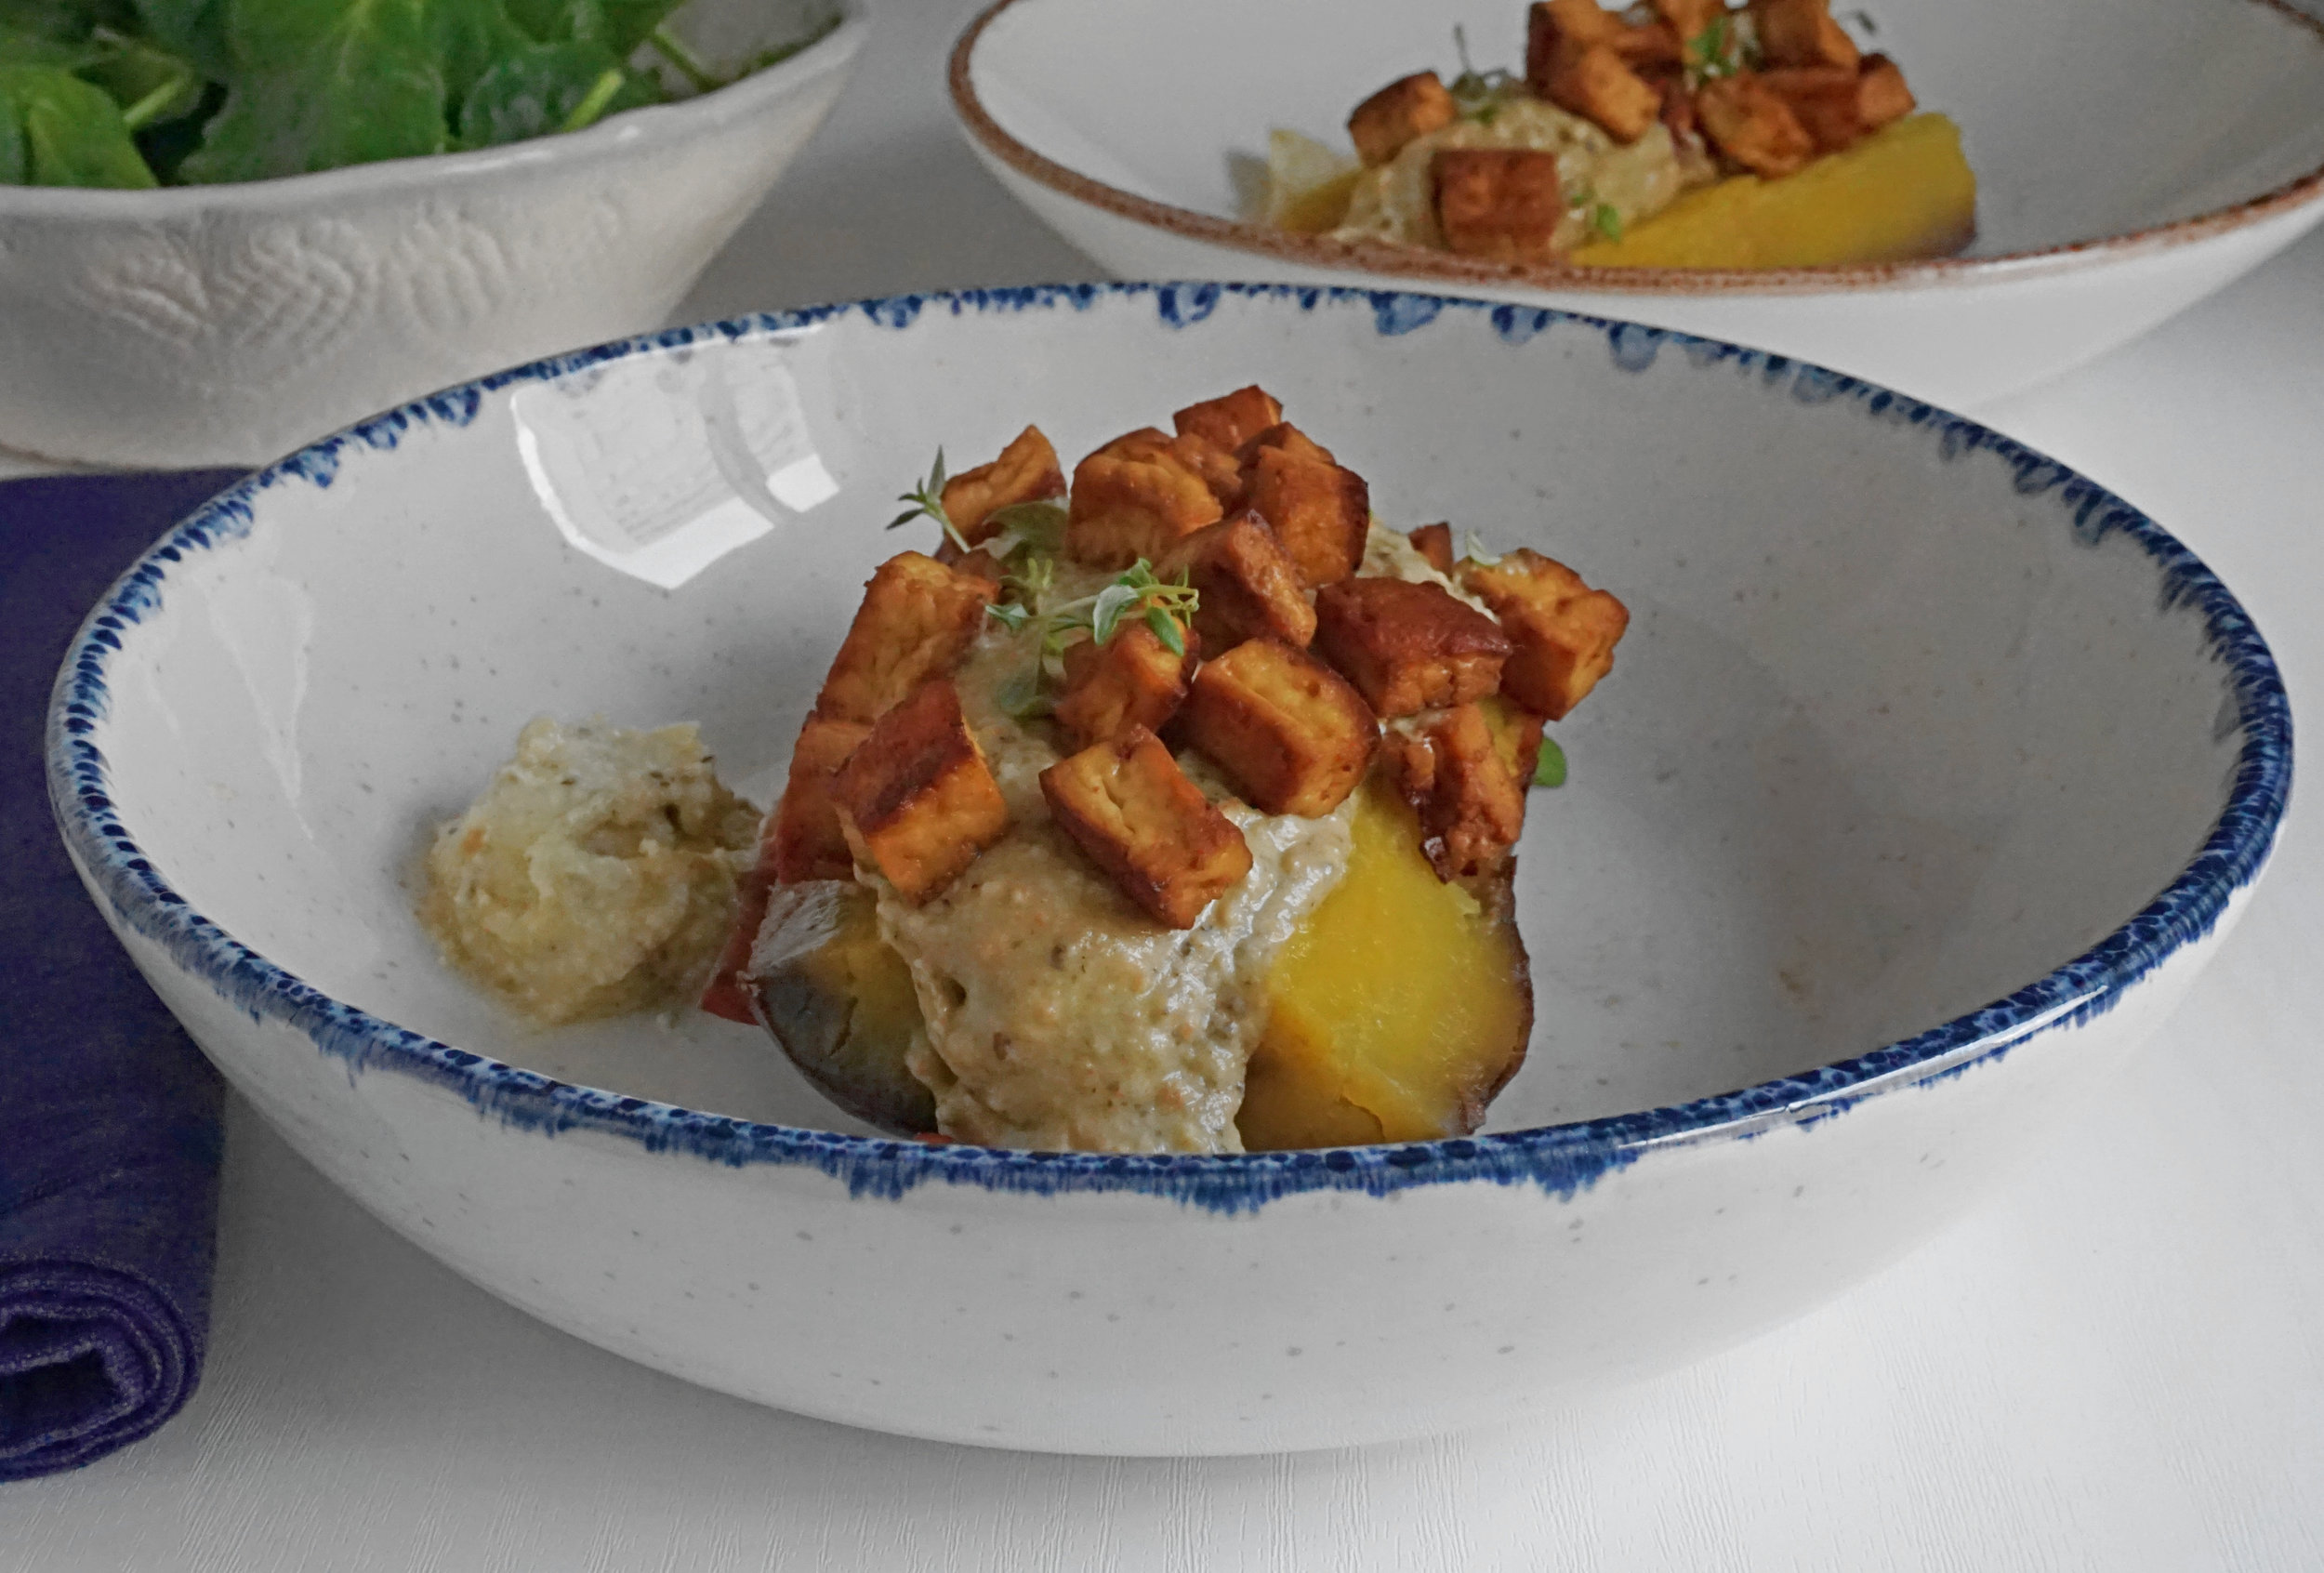 Restos reinventados: 1/2 batata doce com uma sobra de húmus, dip de beringela e tofu crocante acompanhada de uma saladinha de verdes.